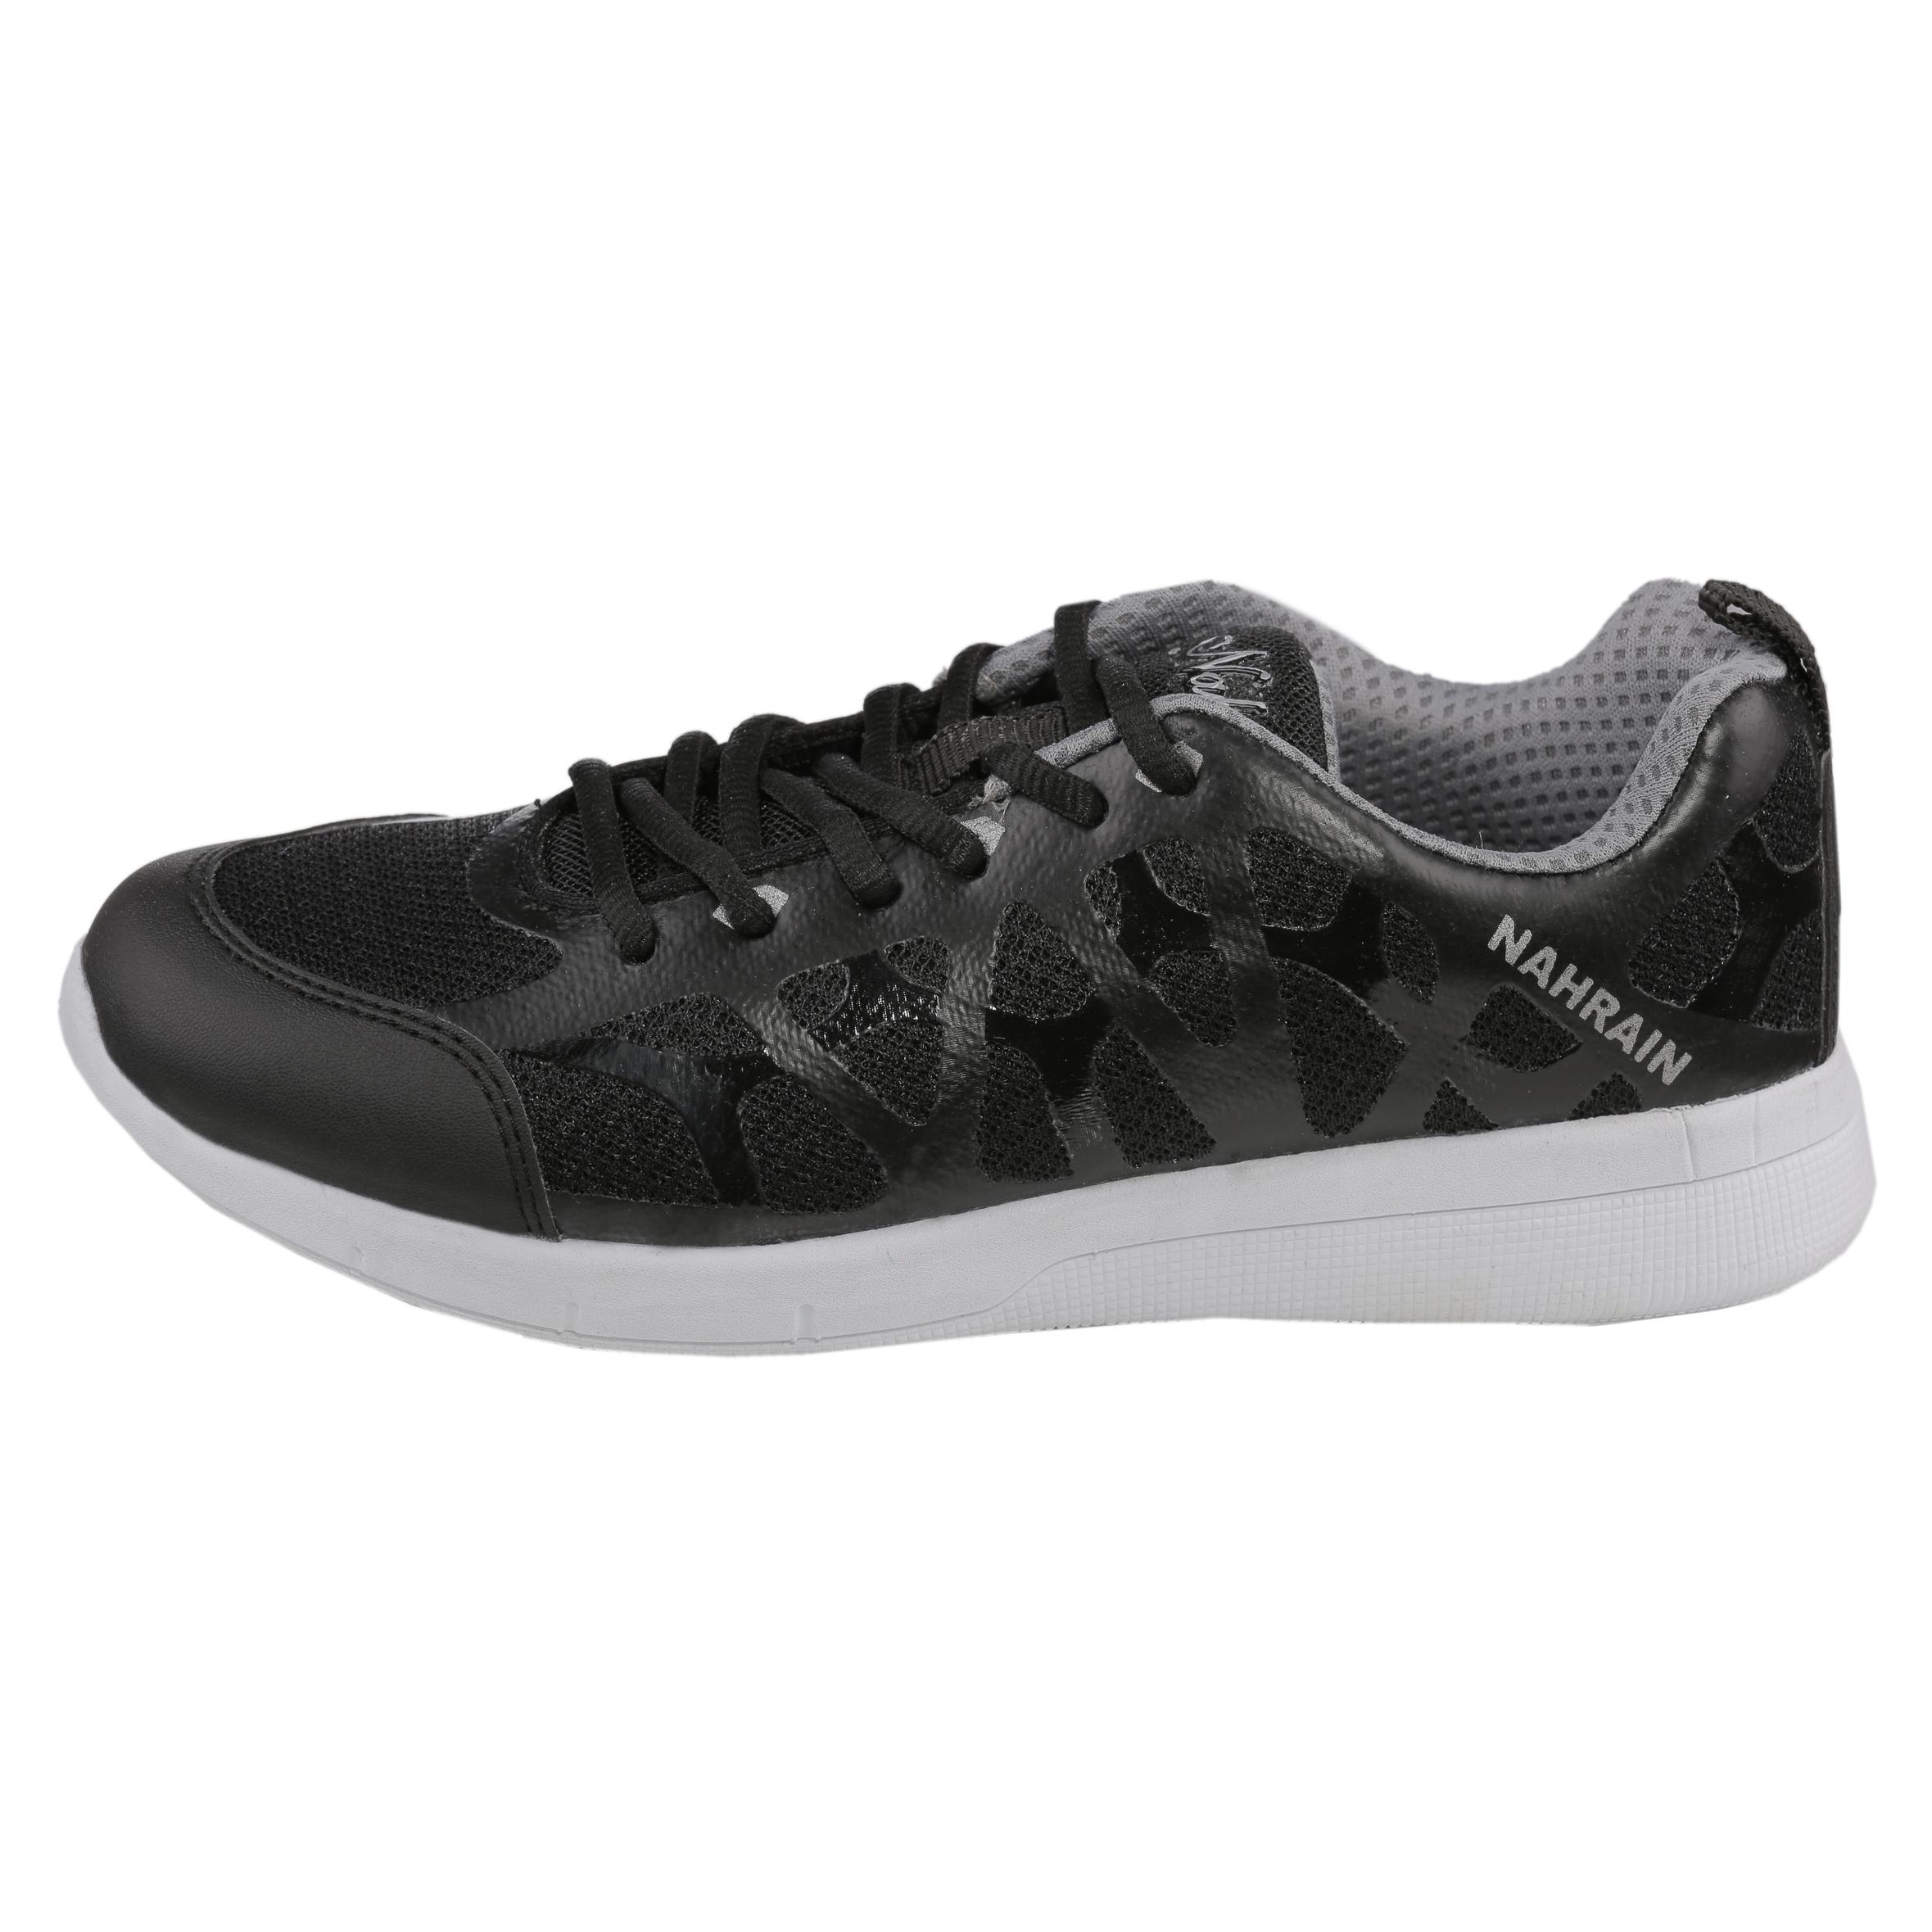 کفش مخصوص پیاده روی زنانه نهرین مدل گارنیک کد 1